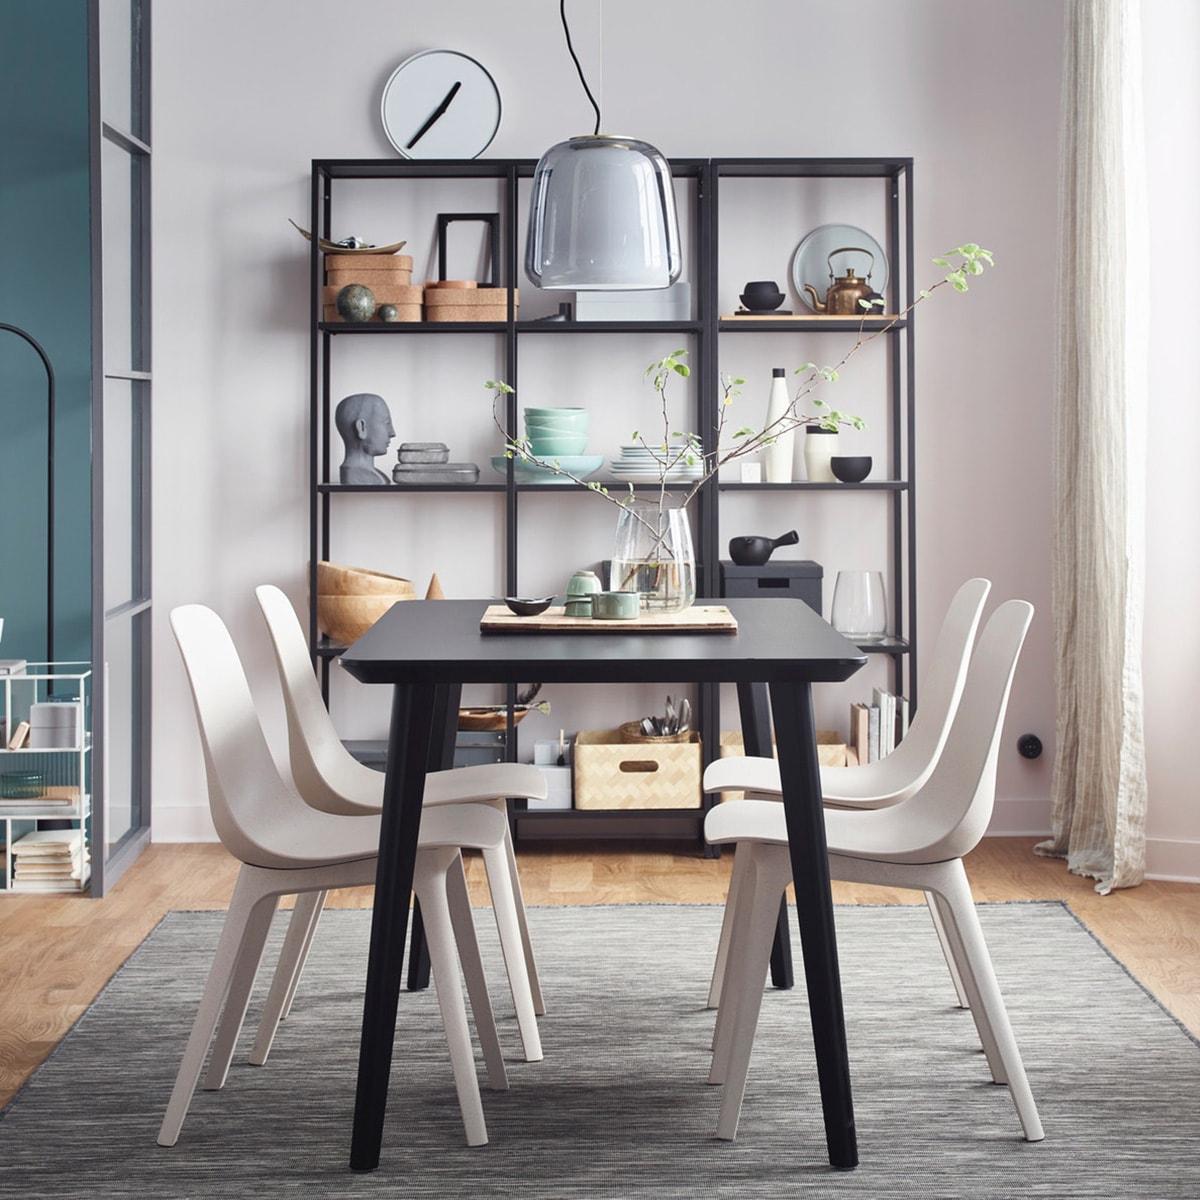 Das Geheimnis zu einem stilvollen Esszimmer? Designikonen wie Preisträger IKEA ODGER Stühle weiss/beige und LISABO Tisch schwarz.